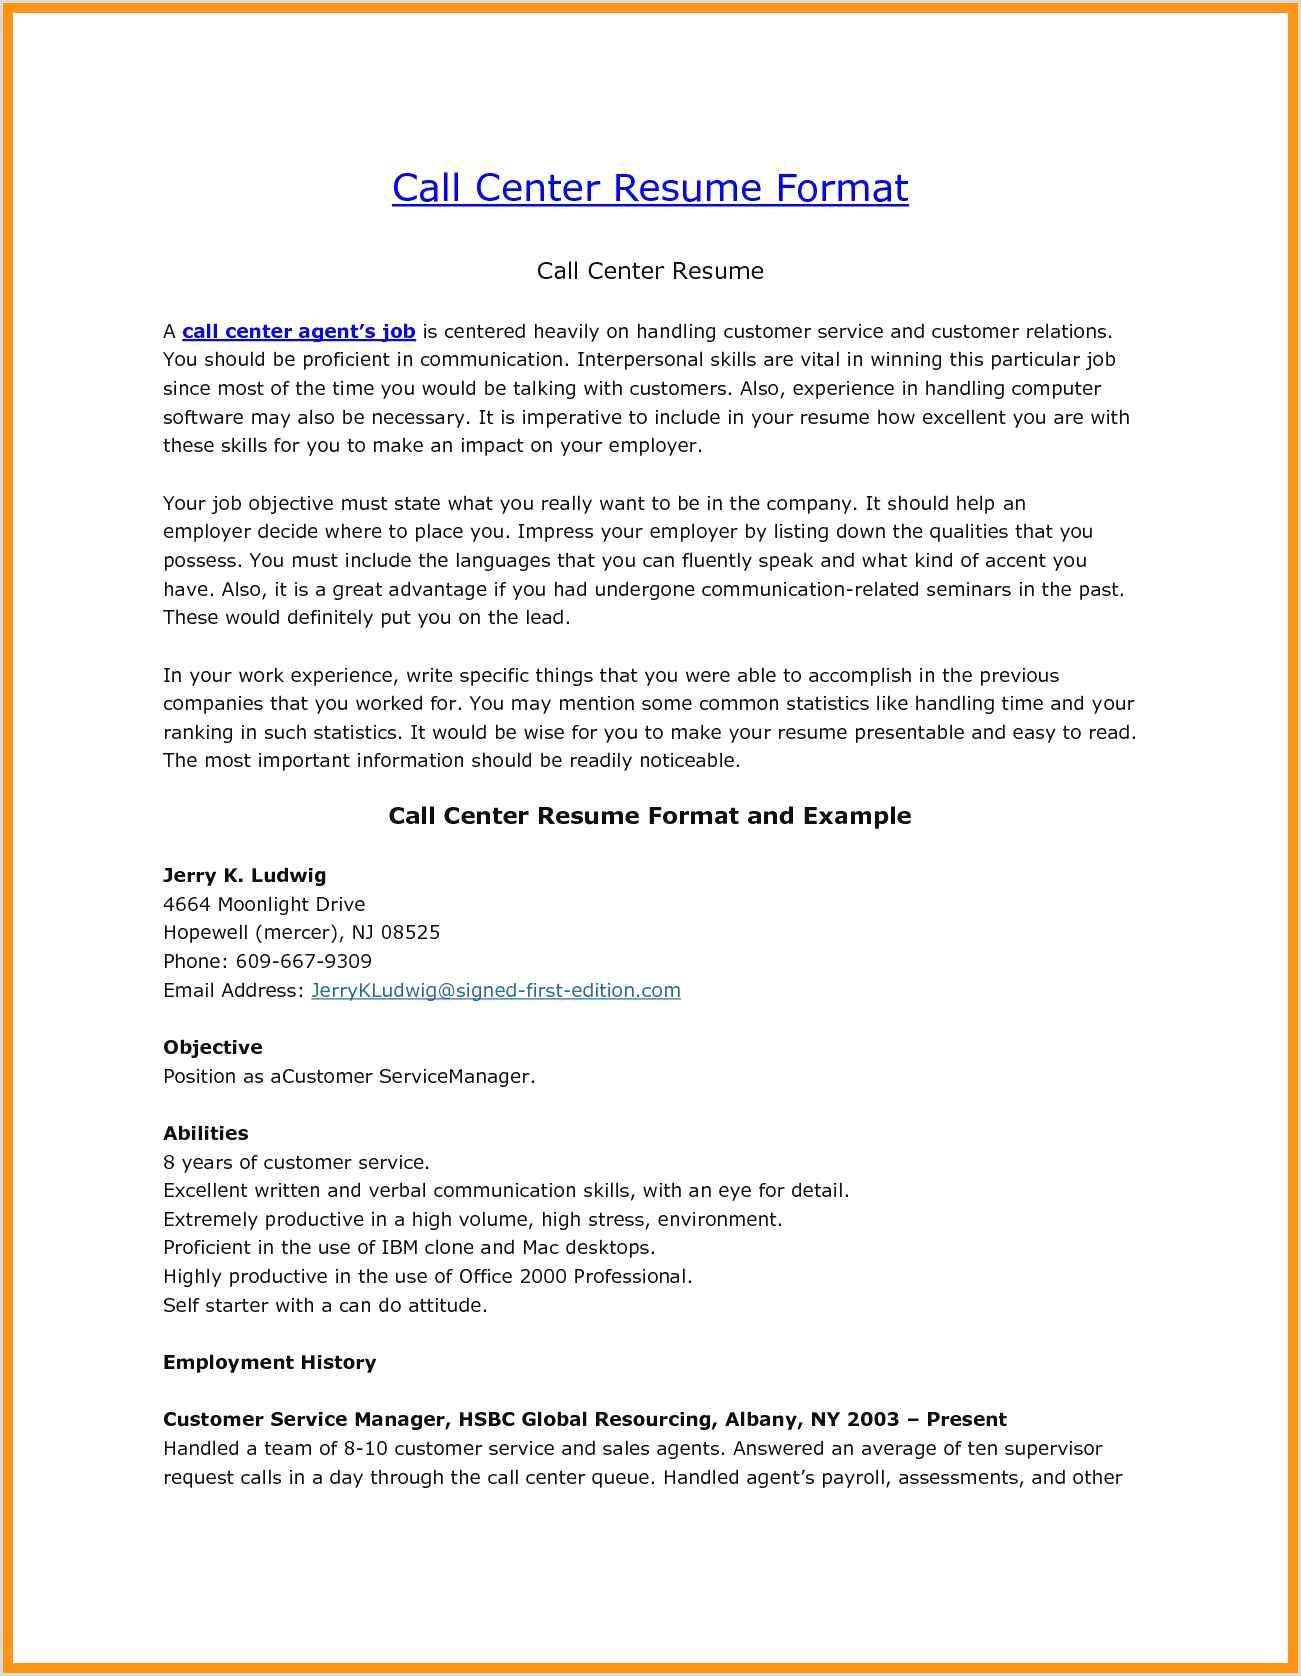 Fresher Resume Format For Call Center Job Sample Resume Format Bpo Jobs New Bpo Resume Best Resume